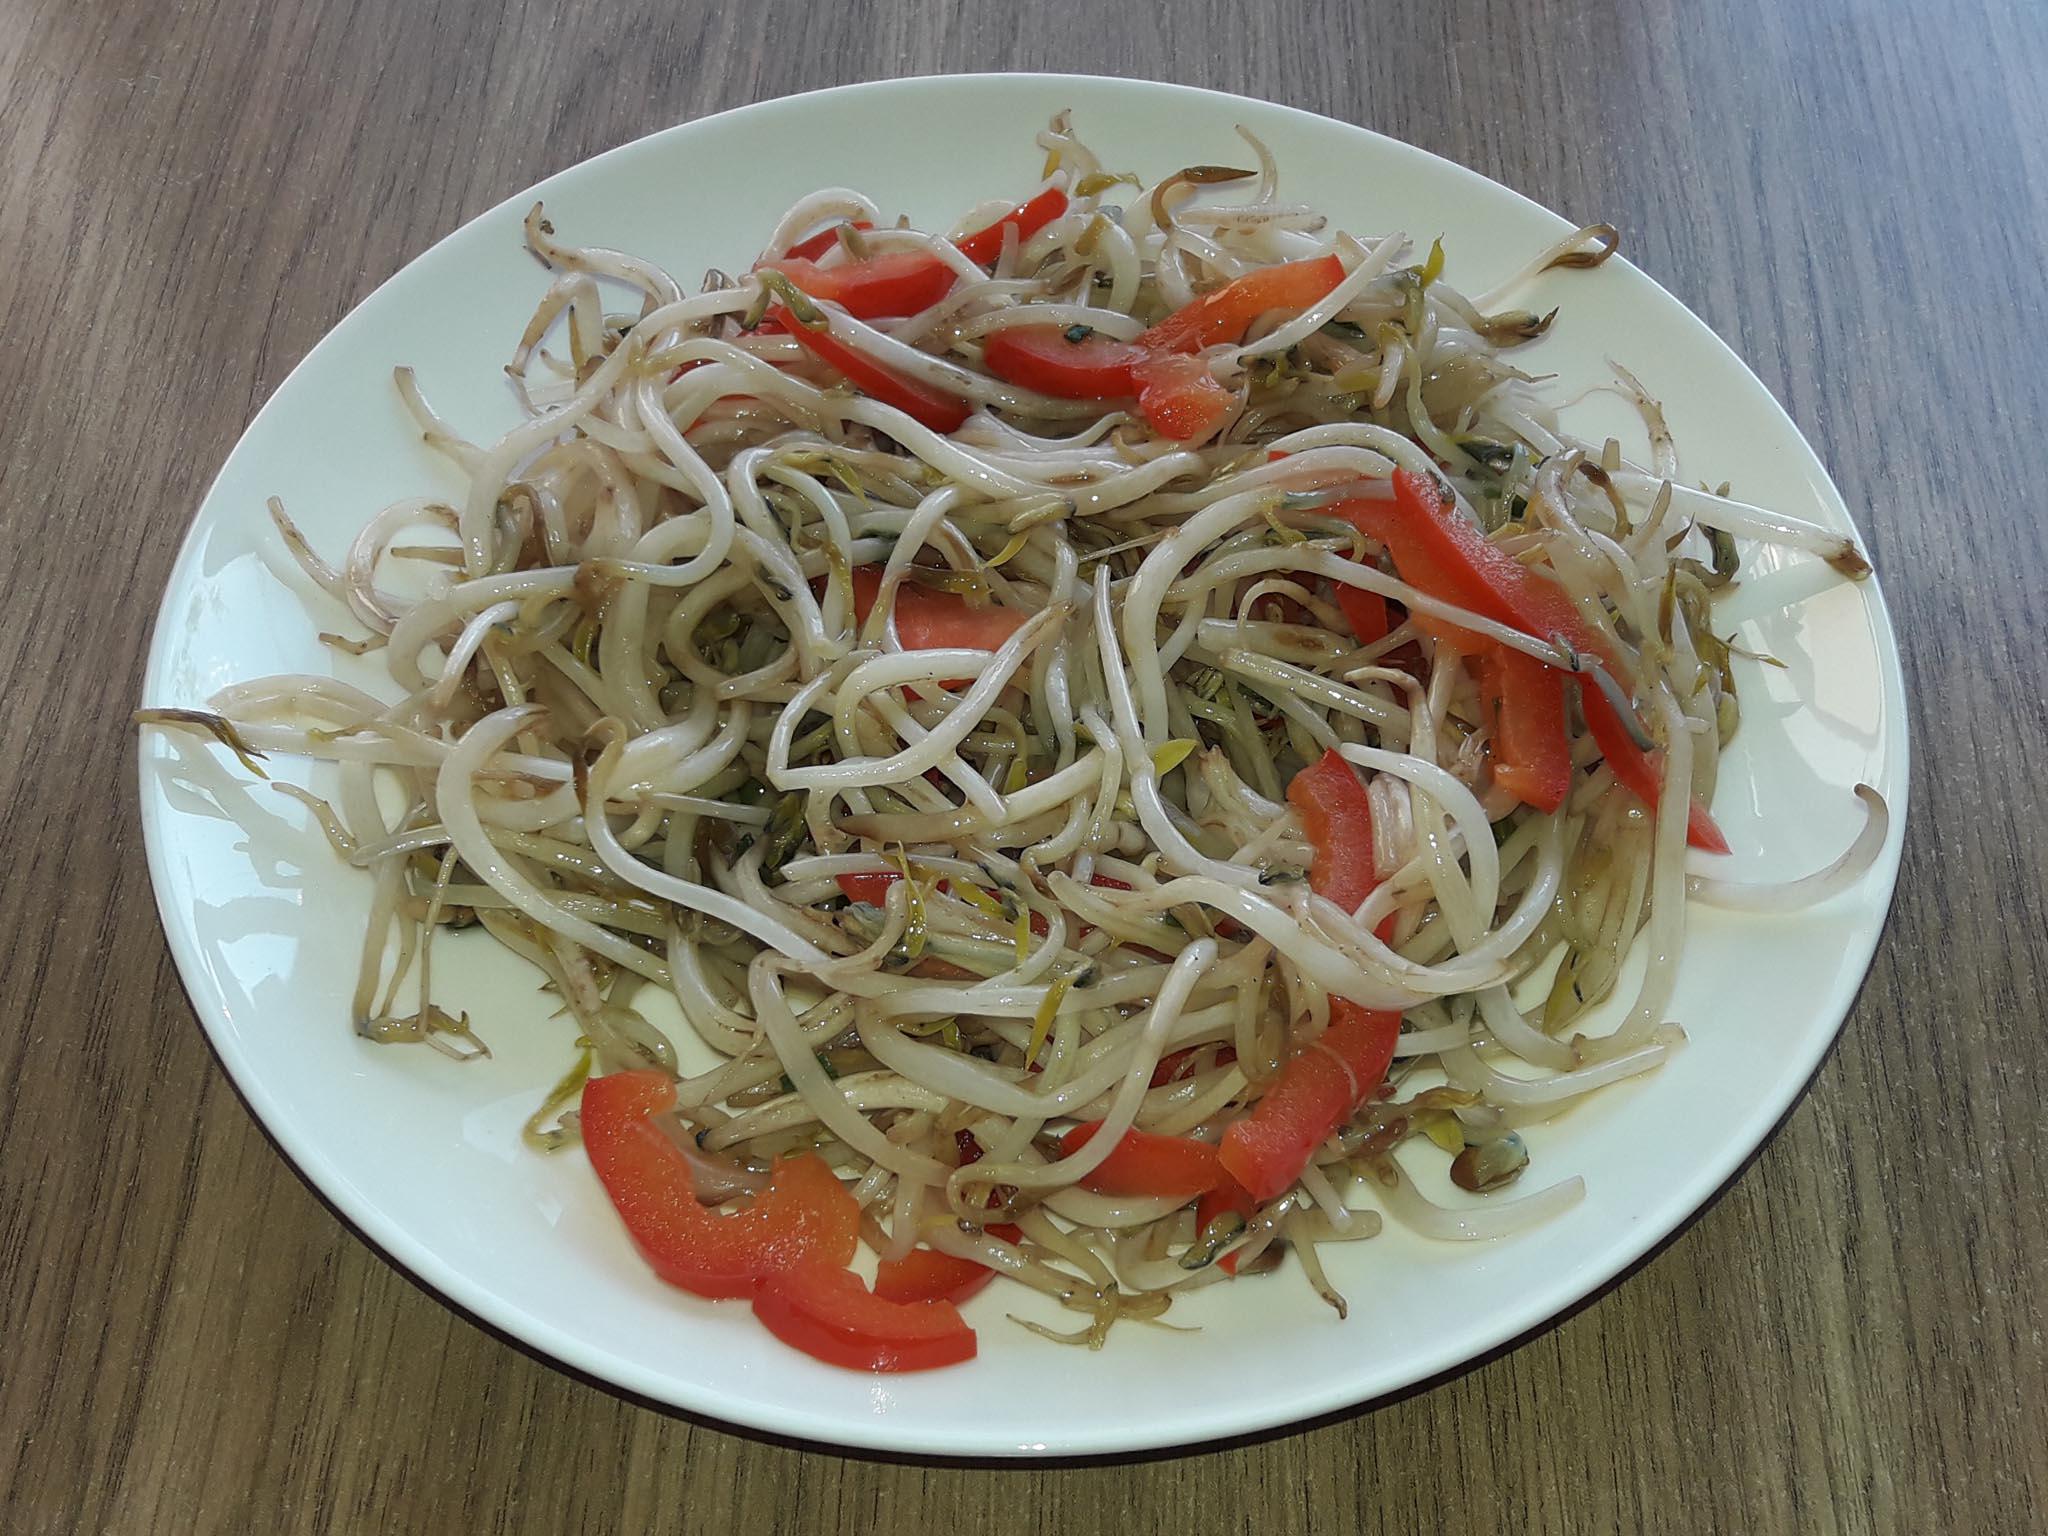 Бобовые ростки со сладким перцем по-китайски. Рецепт. Китайская вегетарианская кухня